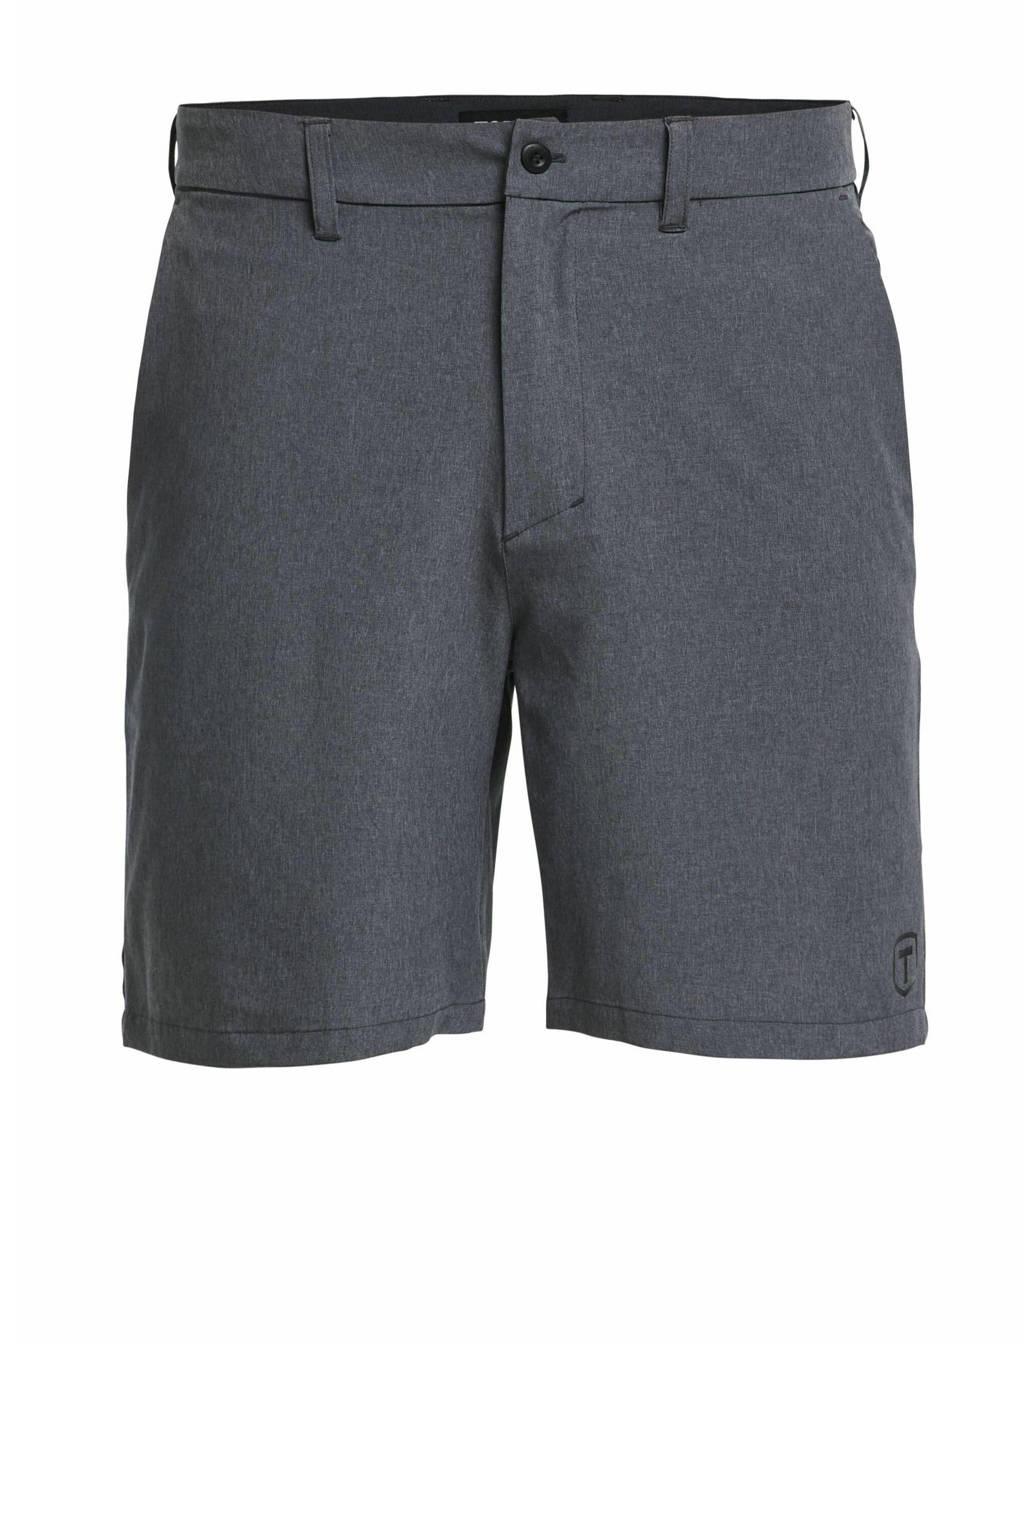 Tenson korte outdoor broek Aqua antraciet, Antraciet